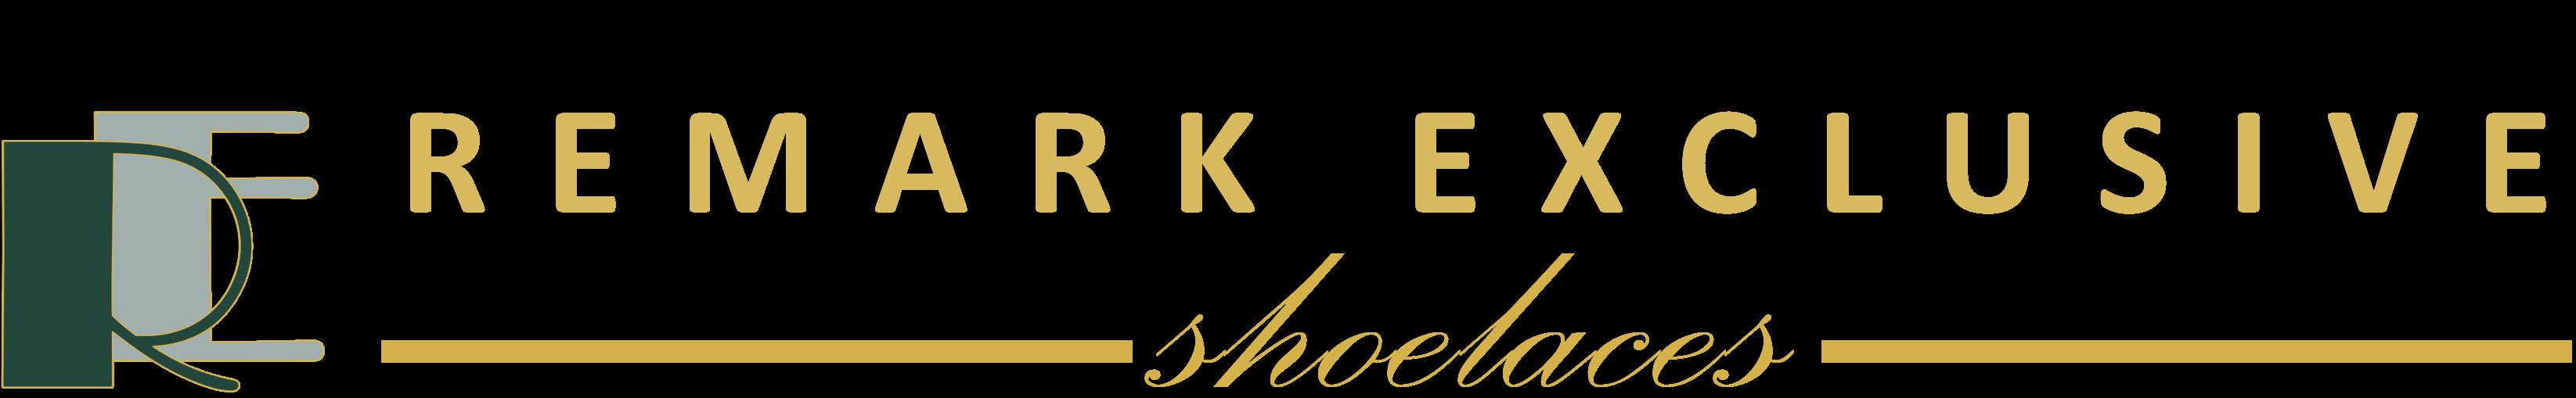 Remark-Exclusive